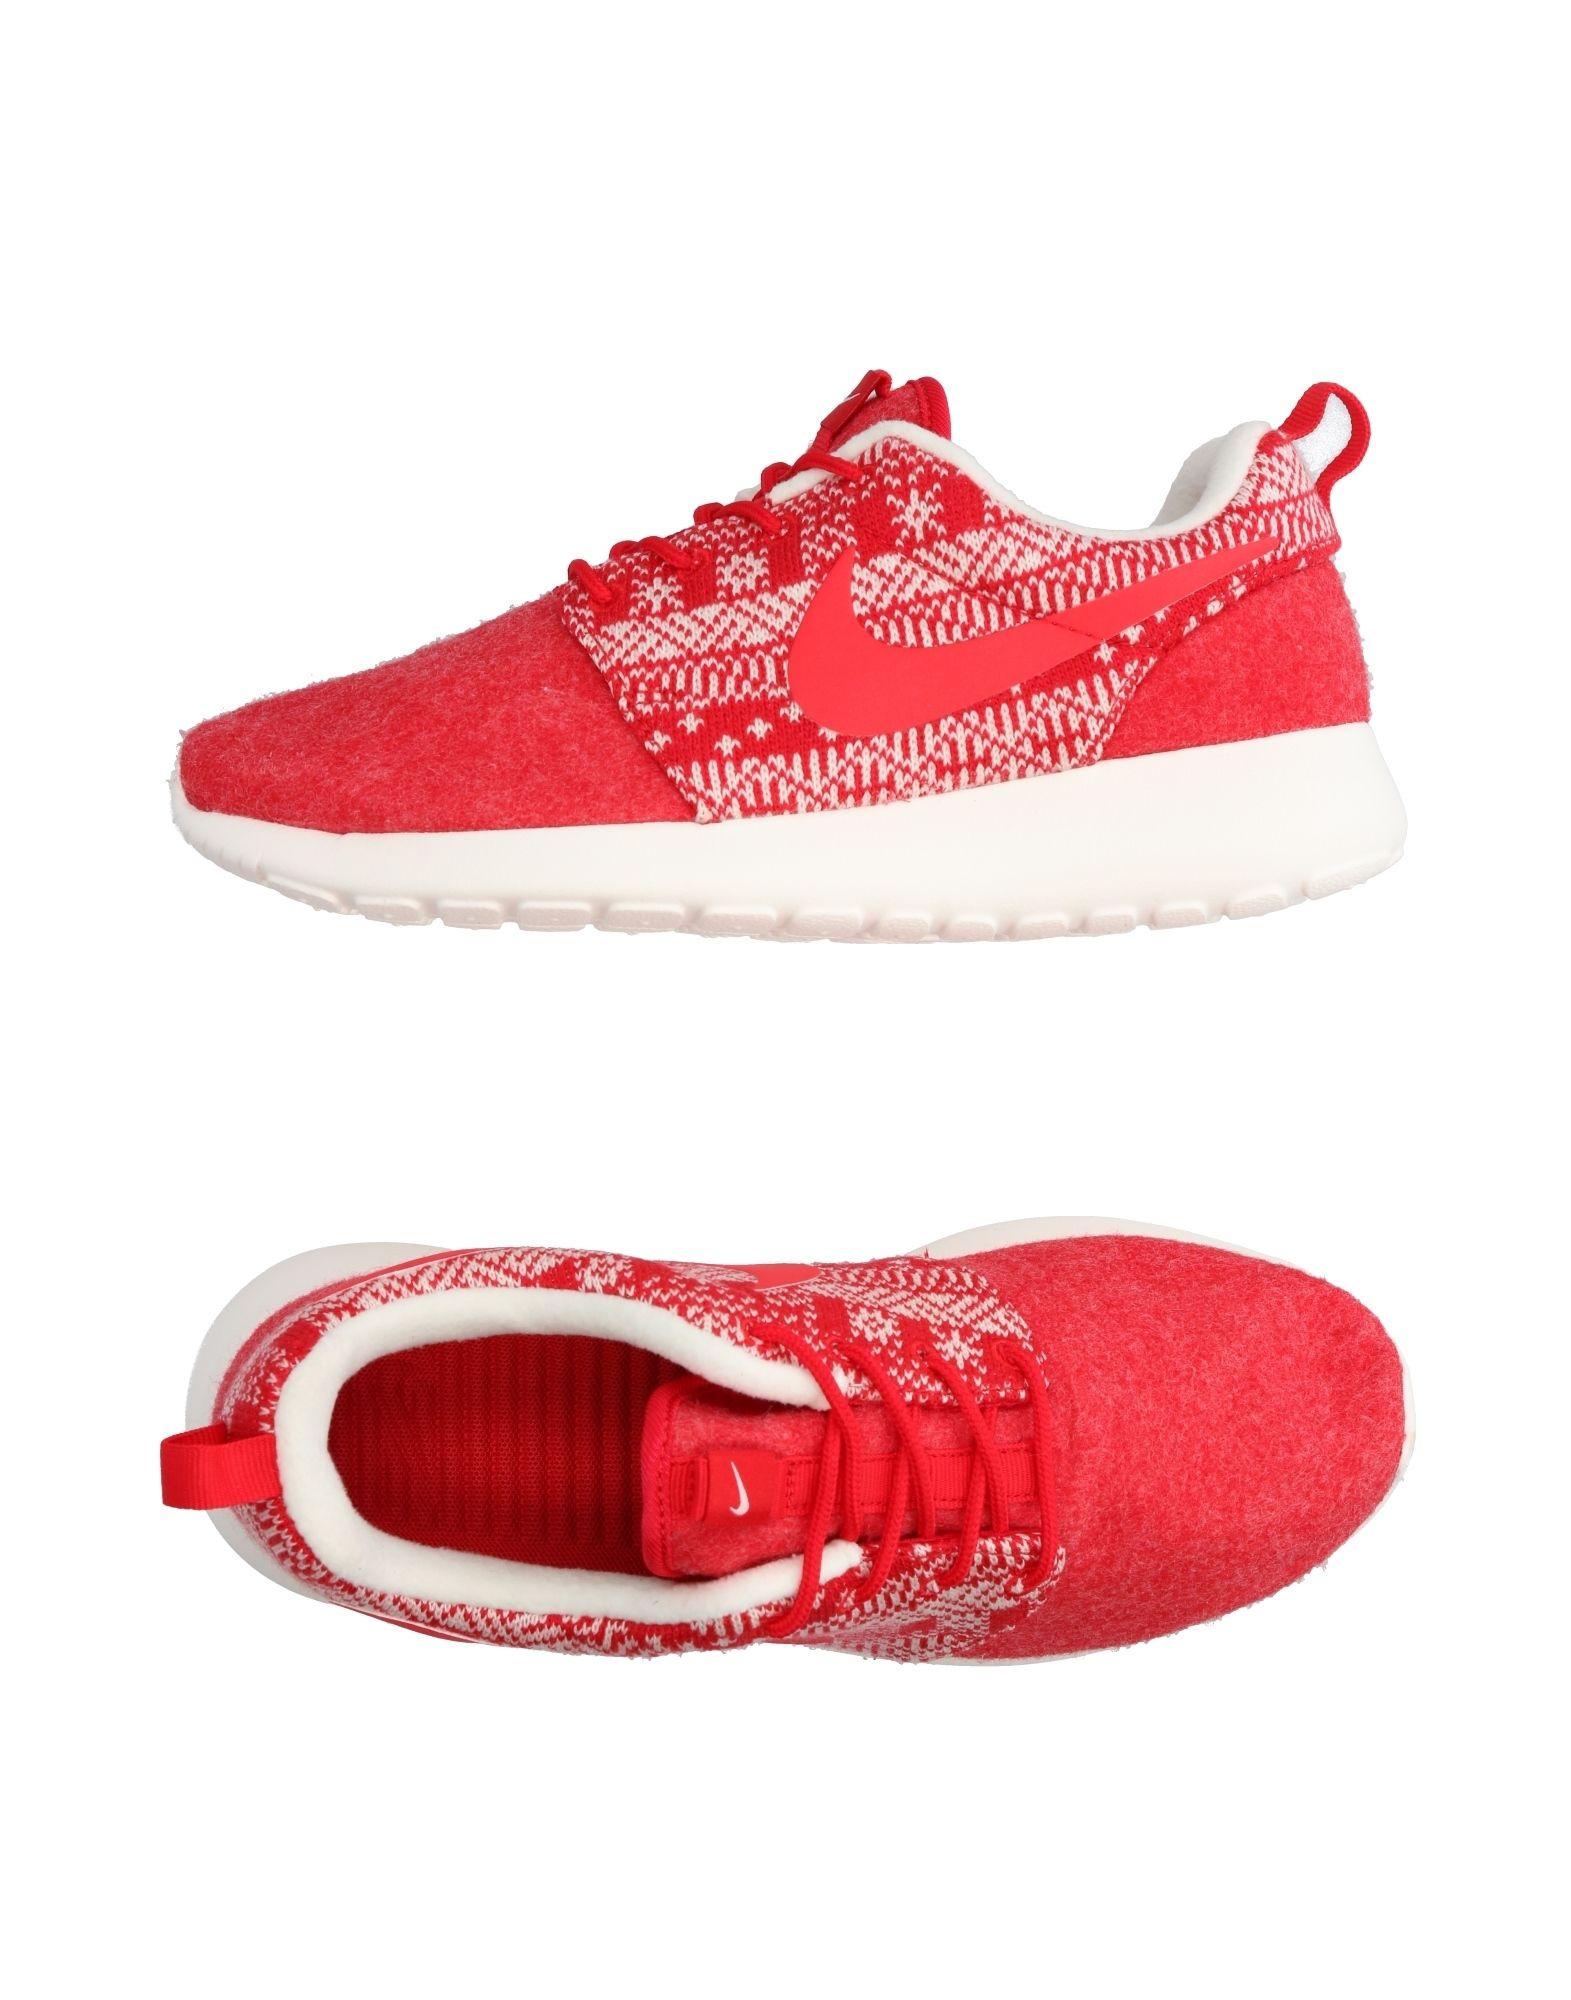 Scarpe Ginnastica da Ginnastica Scarpe Nike Donna - 11298065PP fc3a02